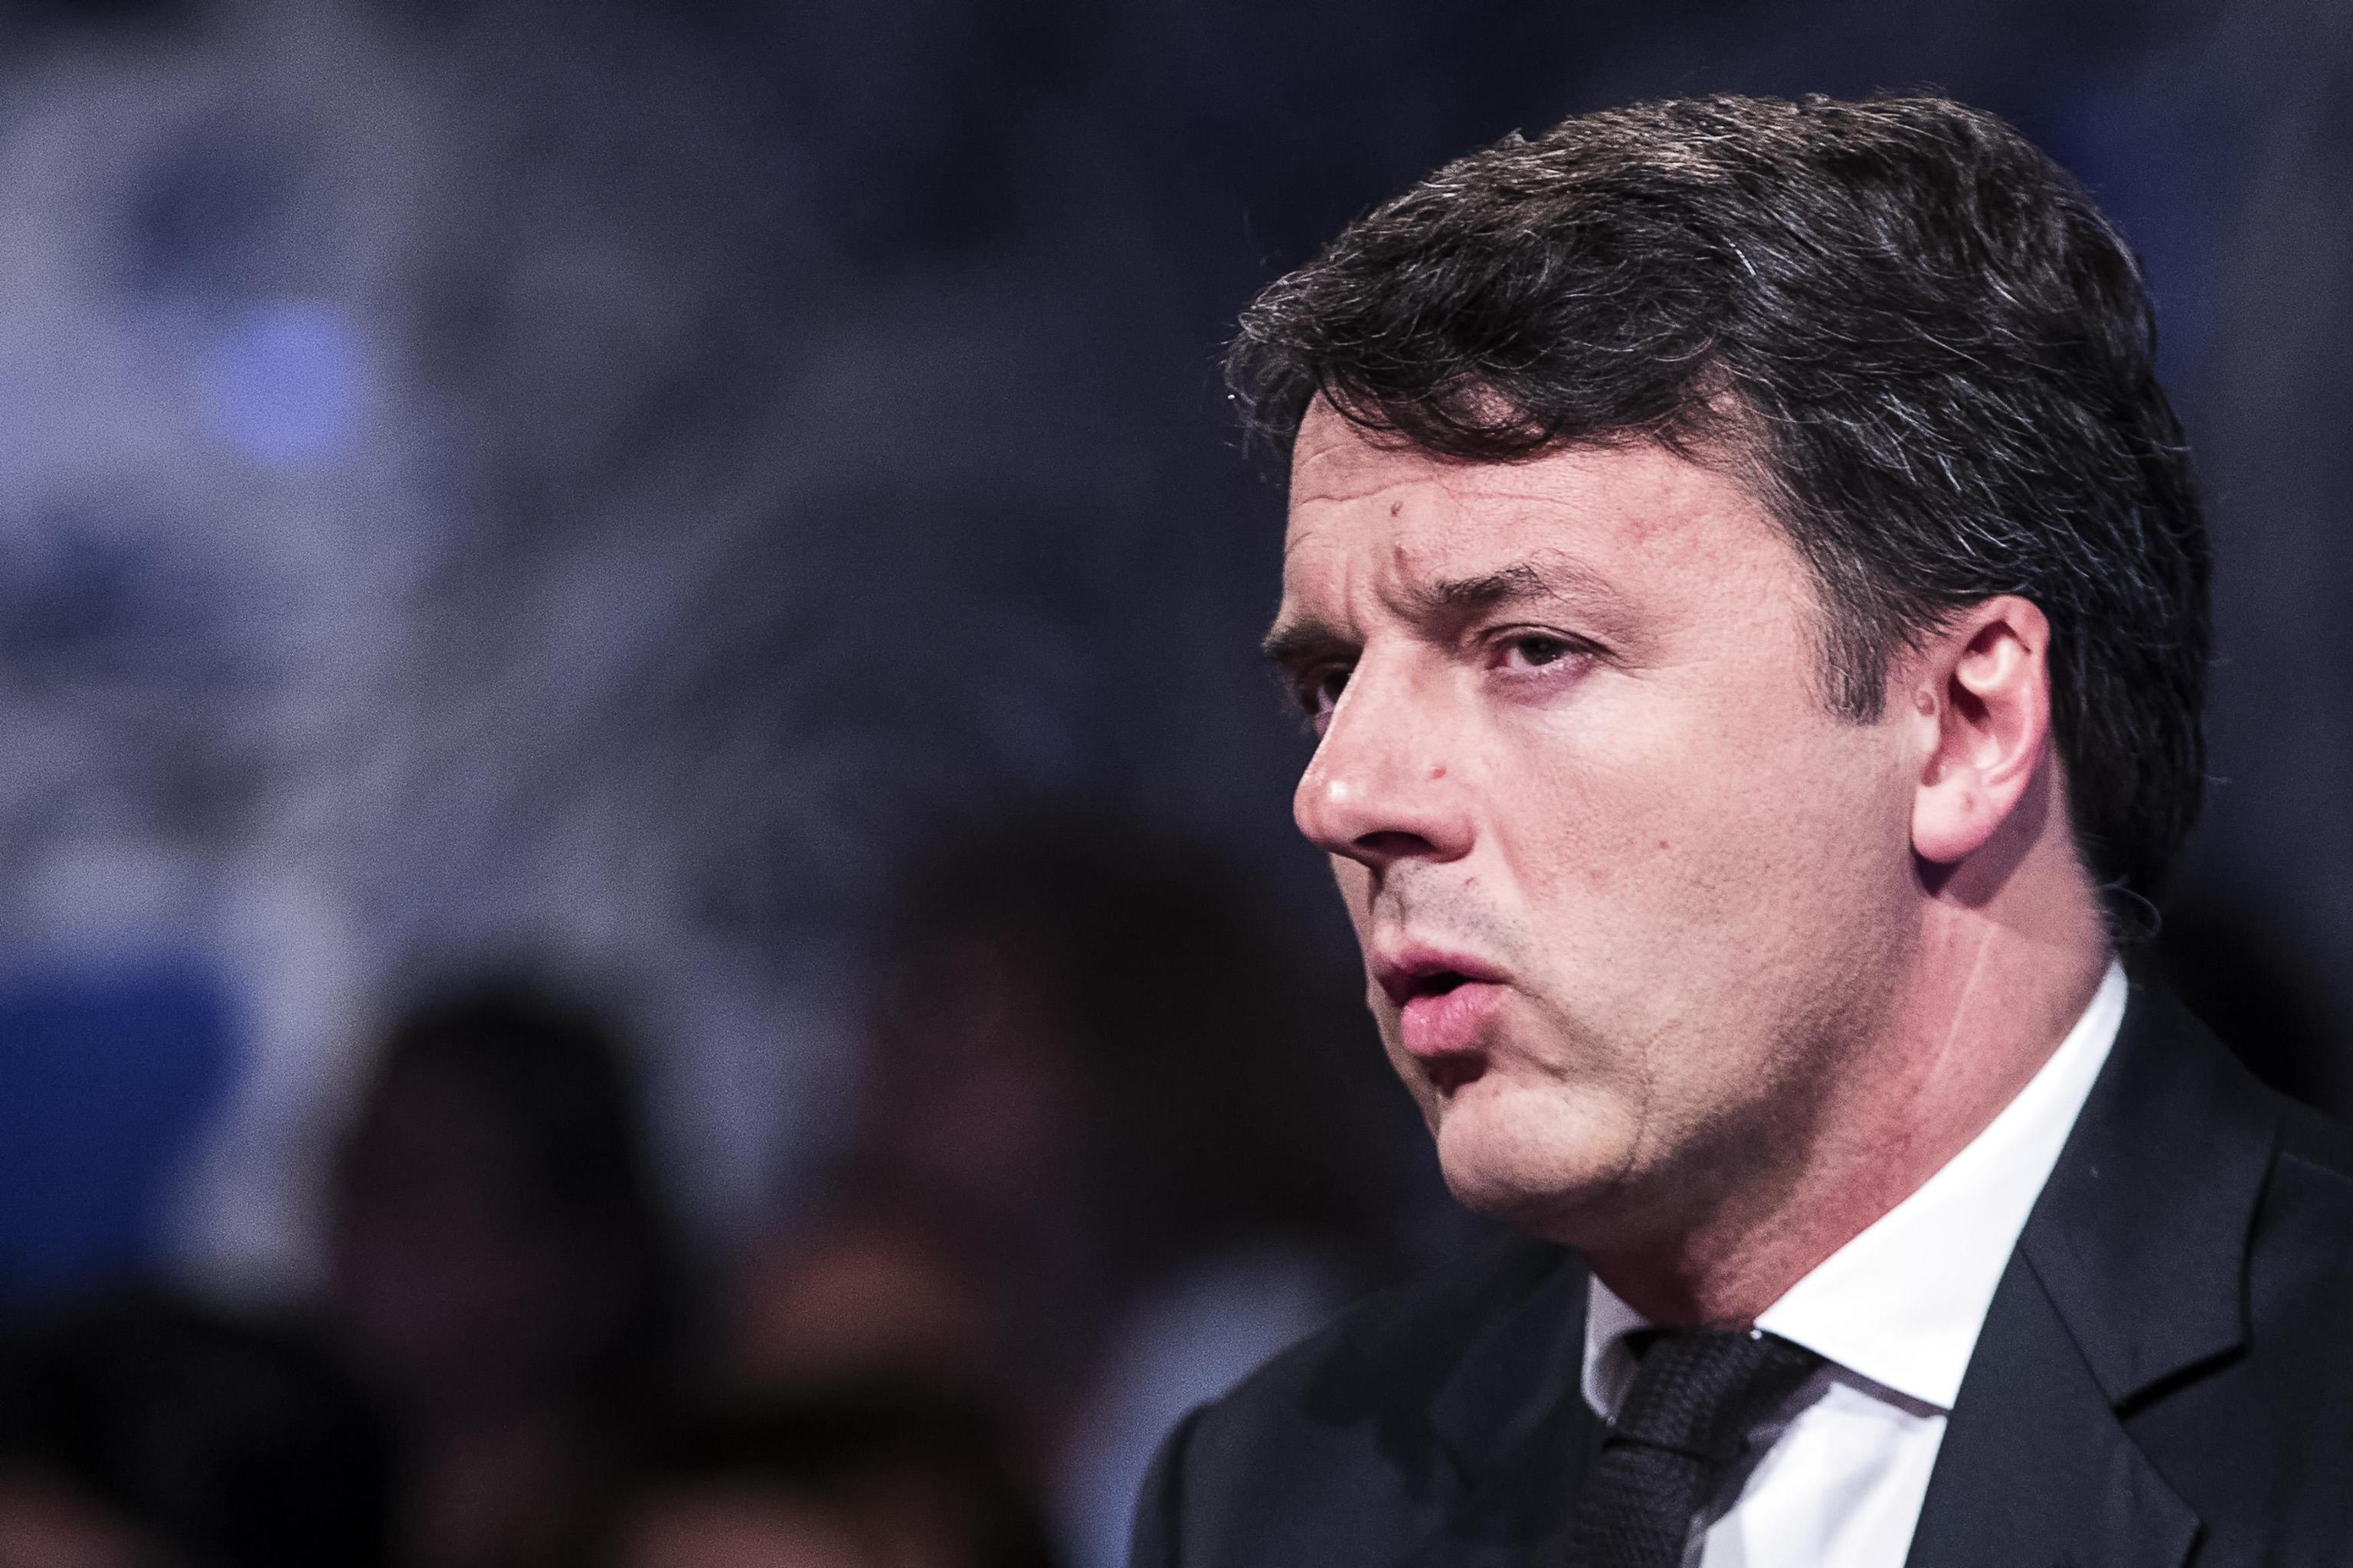 Banche: Pd ritirerà querela contro contestatrice Bologna